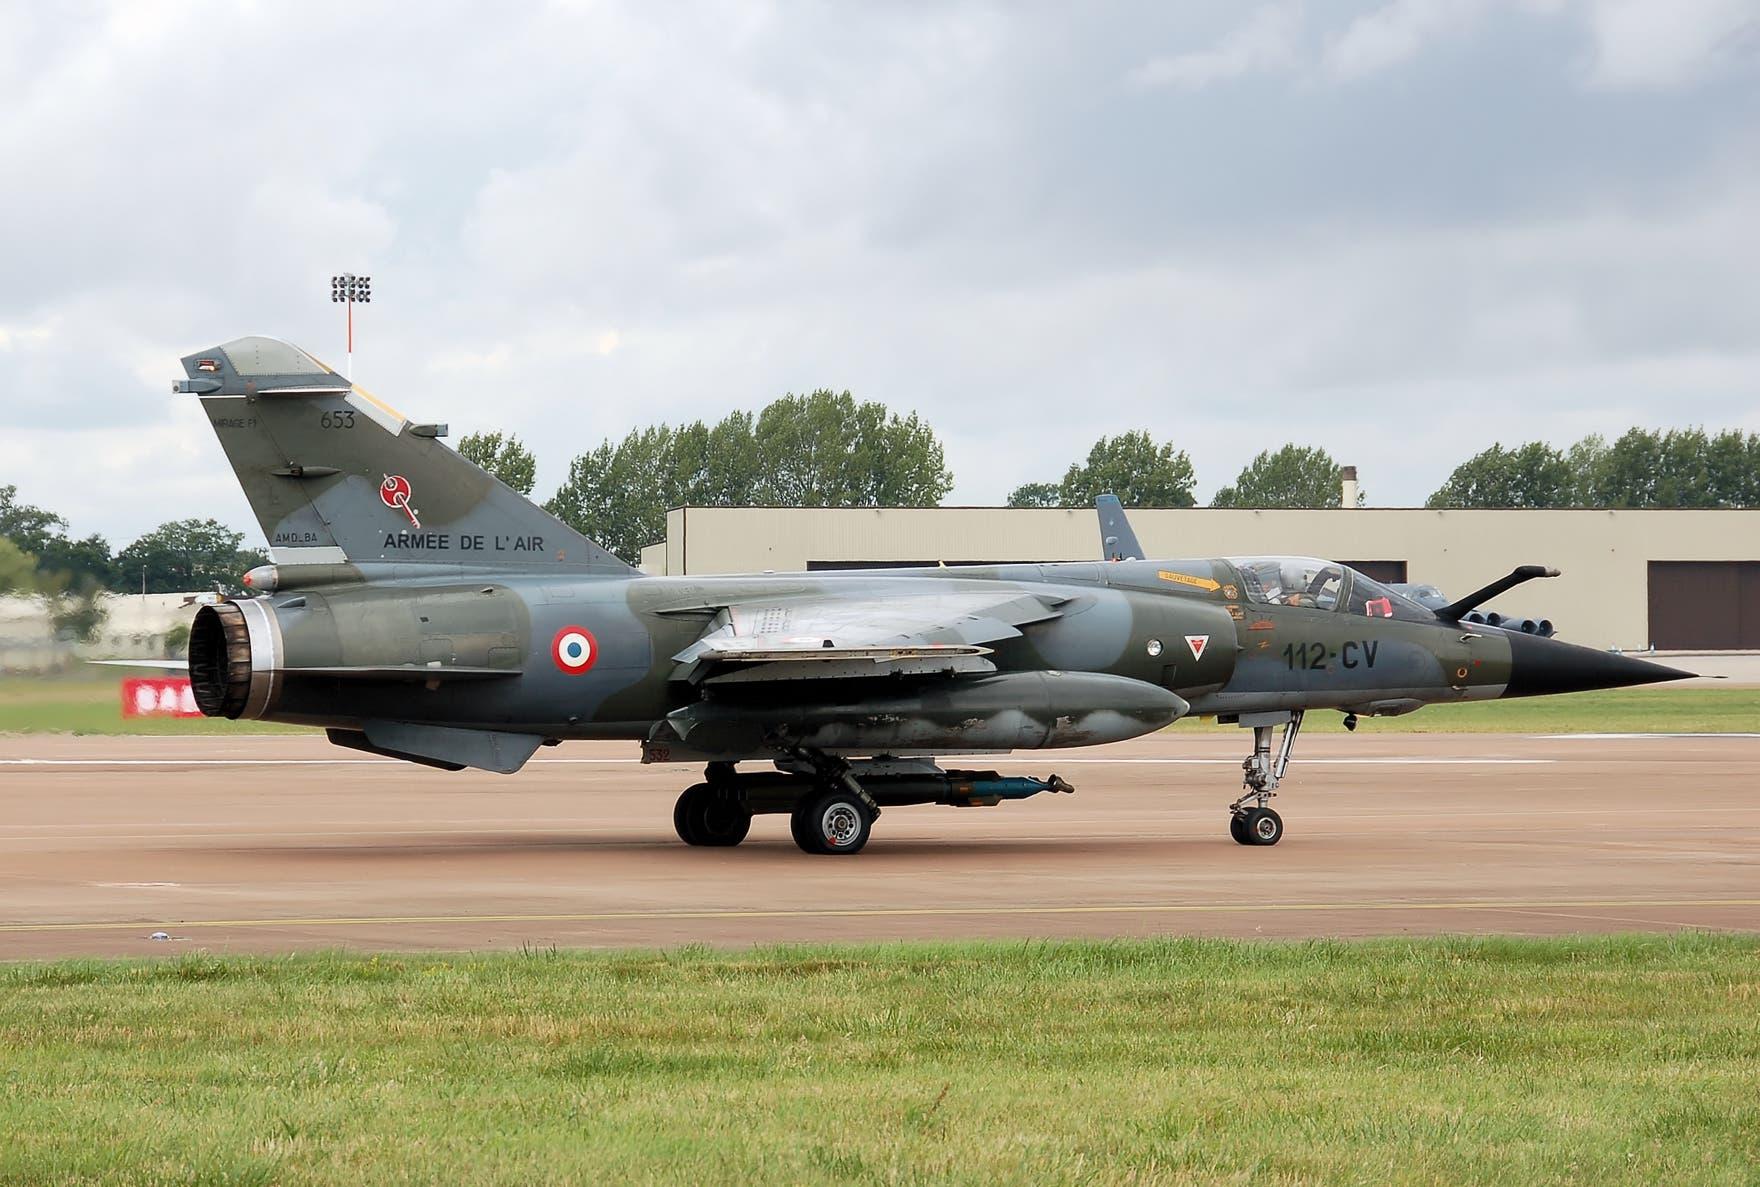 طائرة ميراج فرنسية تابعة لسلاح الجو الفرنسي